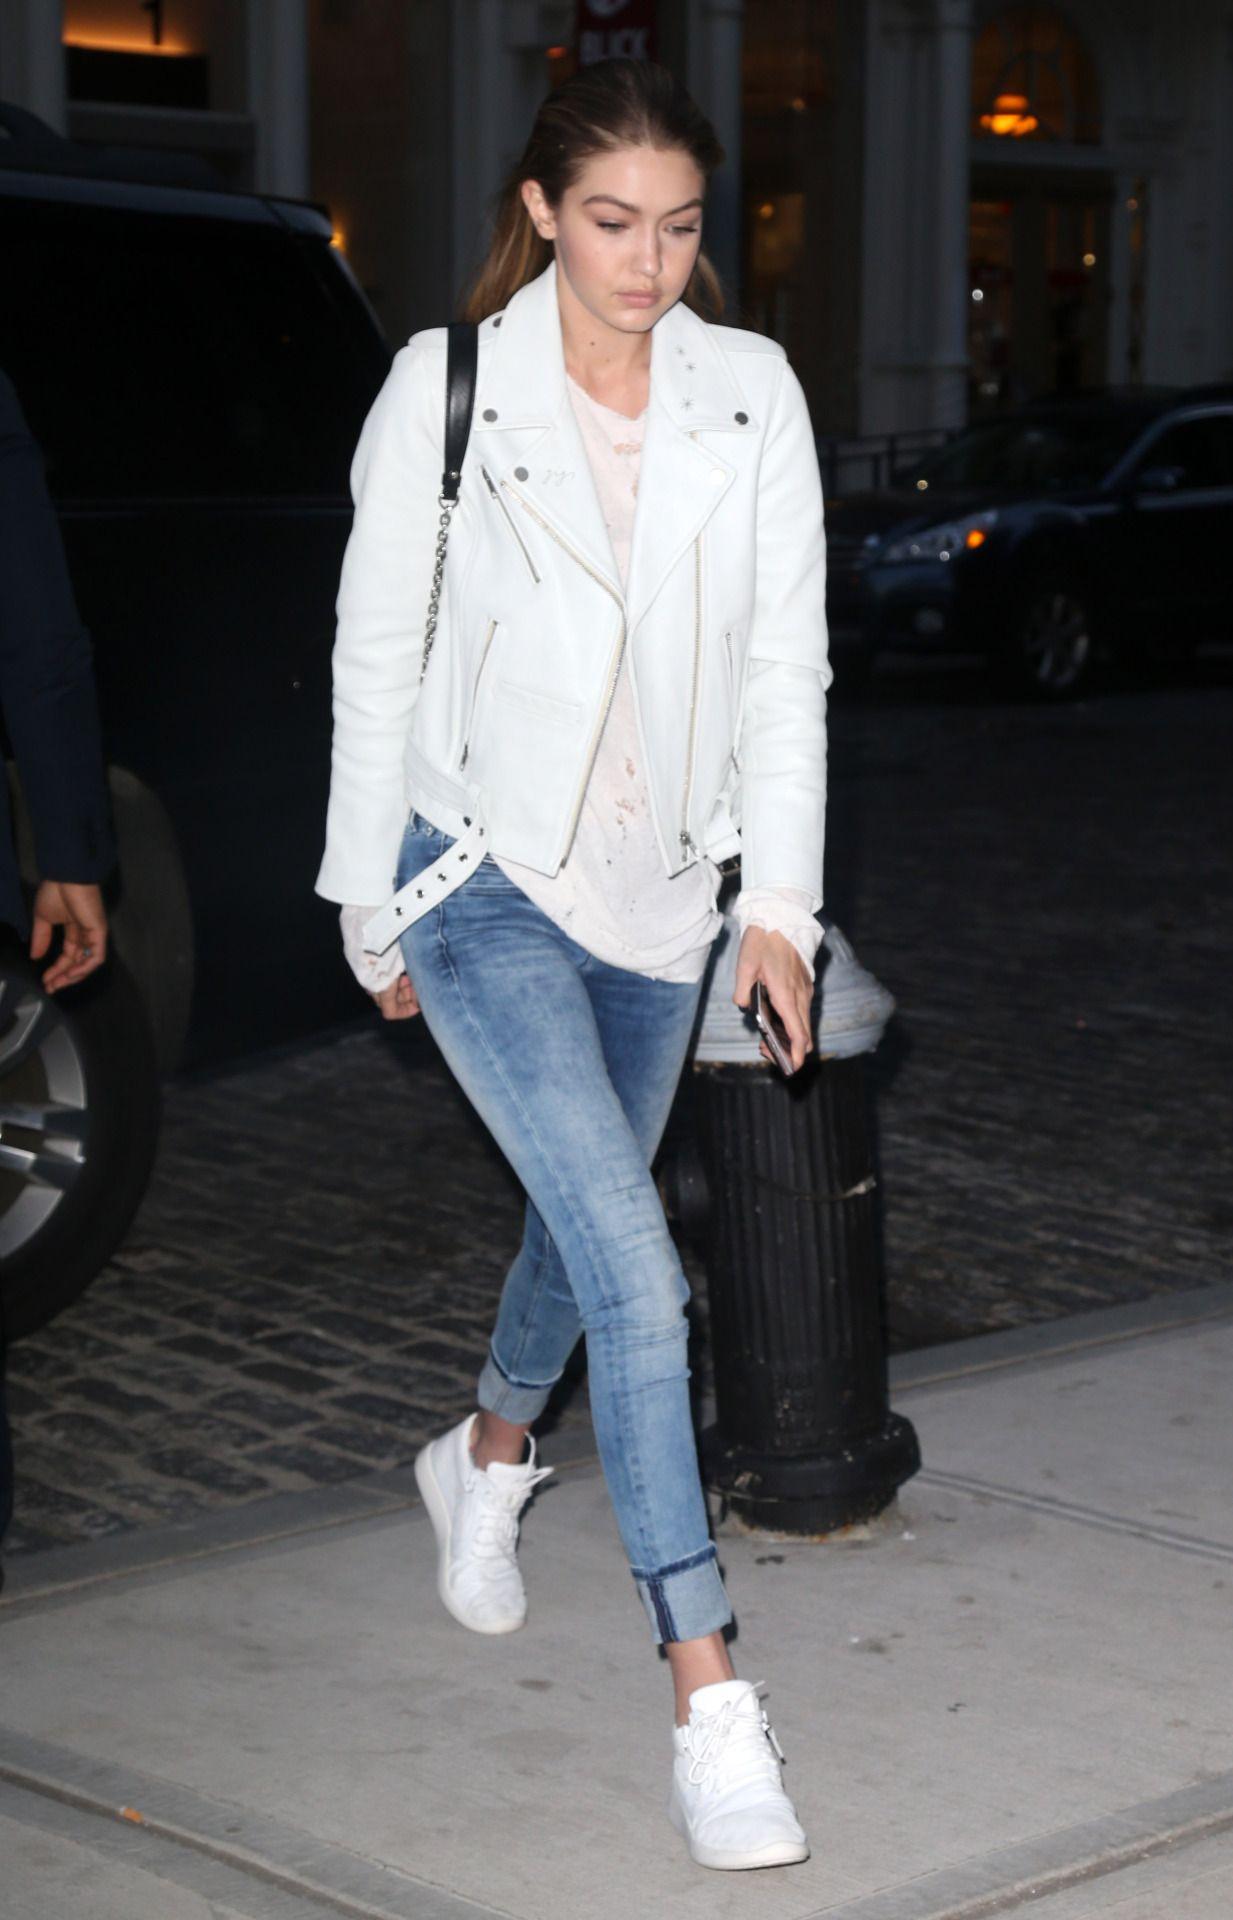 Gigi Hadid in NYC